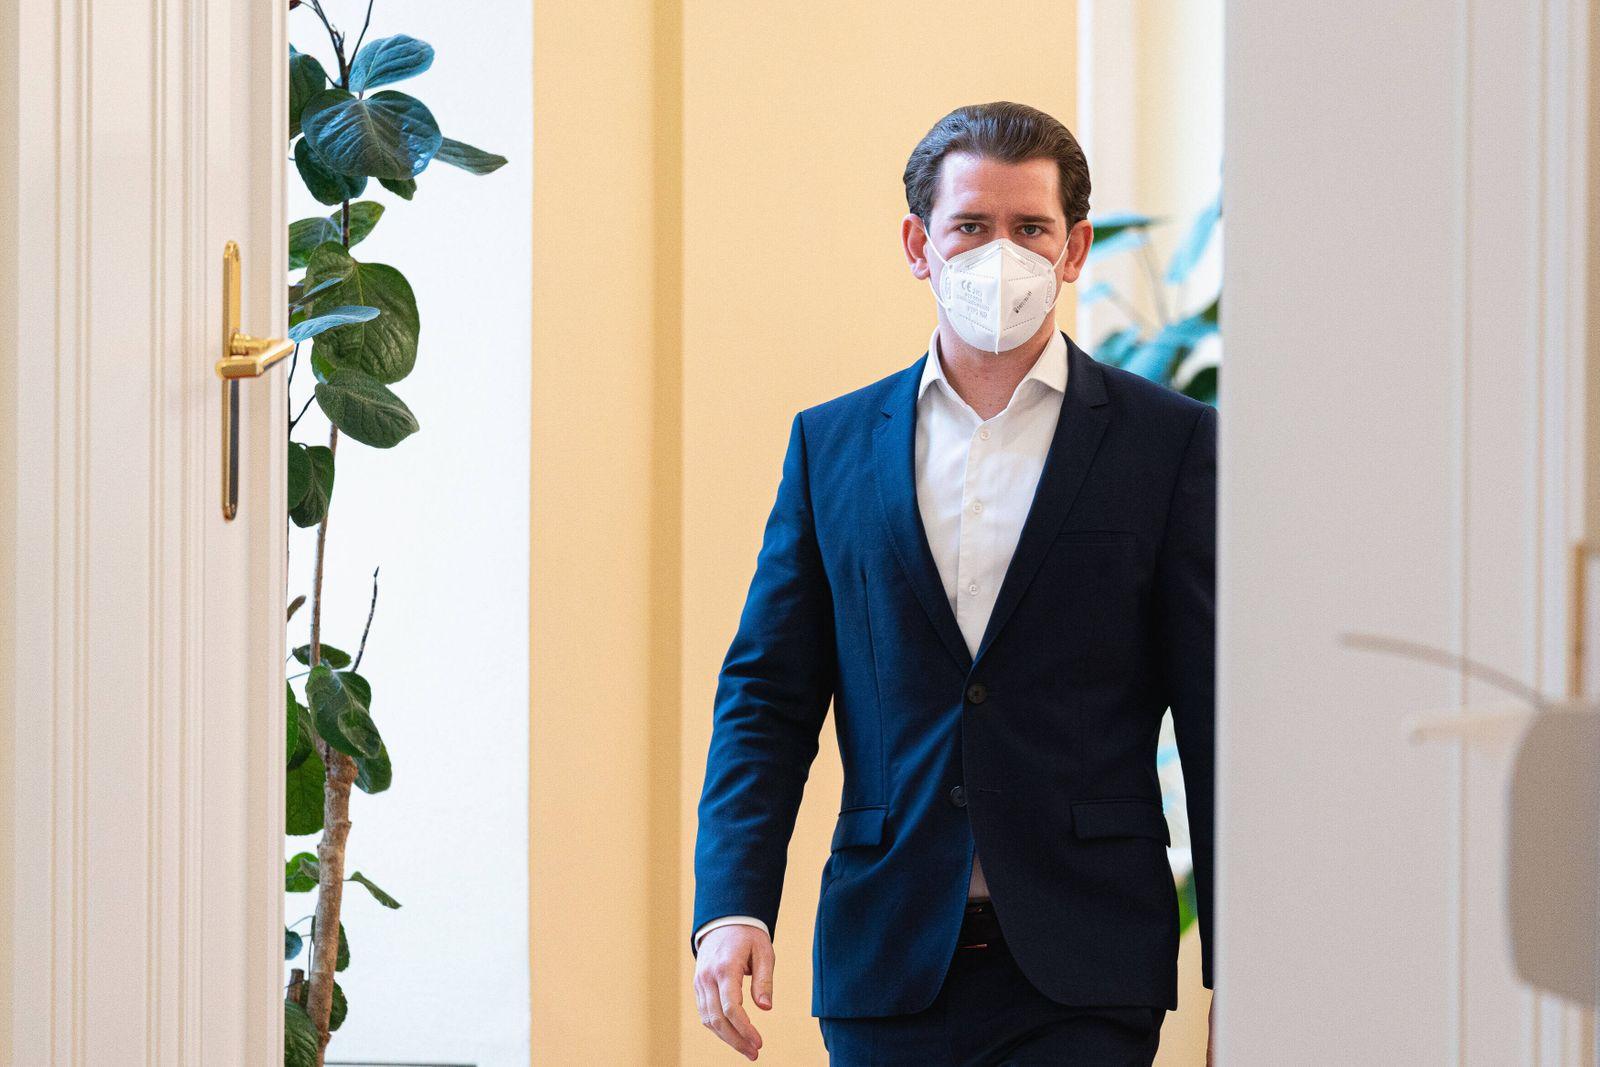 Wien 22.03.2021, Bundeskanzleramt, Wien, AUT, Bundesregierung, Kameraschwenk vor Treffen der Bundesregierung mit Experti